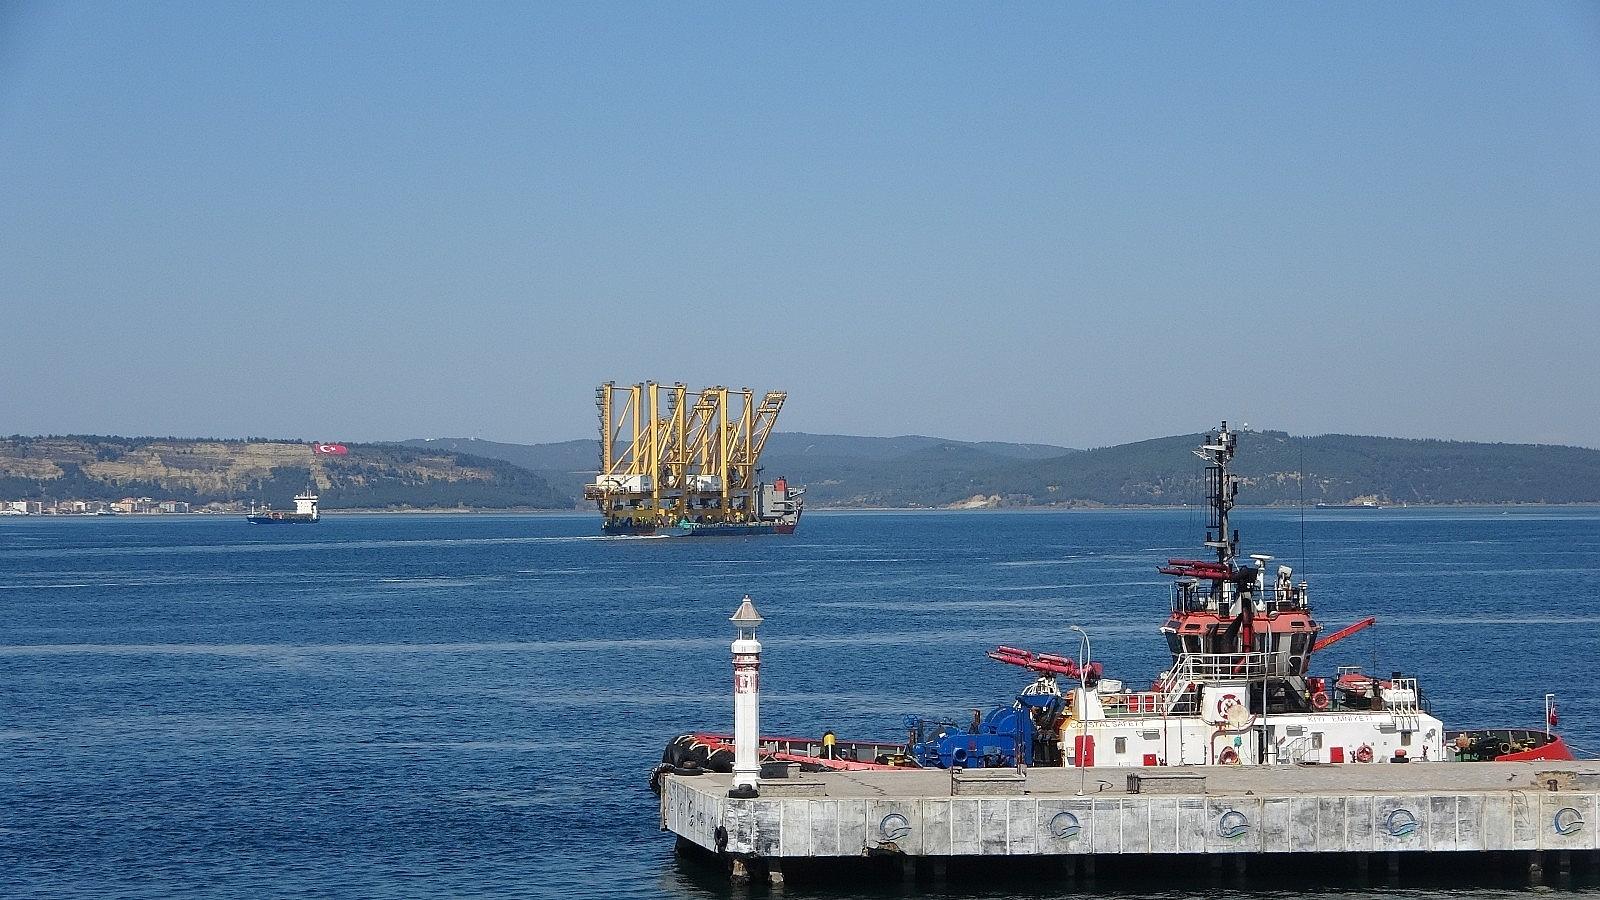 2021/03/liman-vinci-tasiyan-gemi-canakkale-bogazindan-gecti-20210328AW27-4.jpg